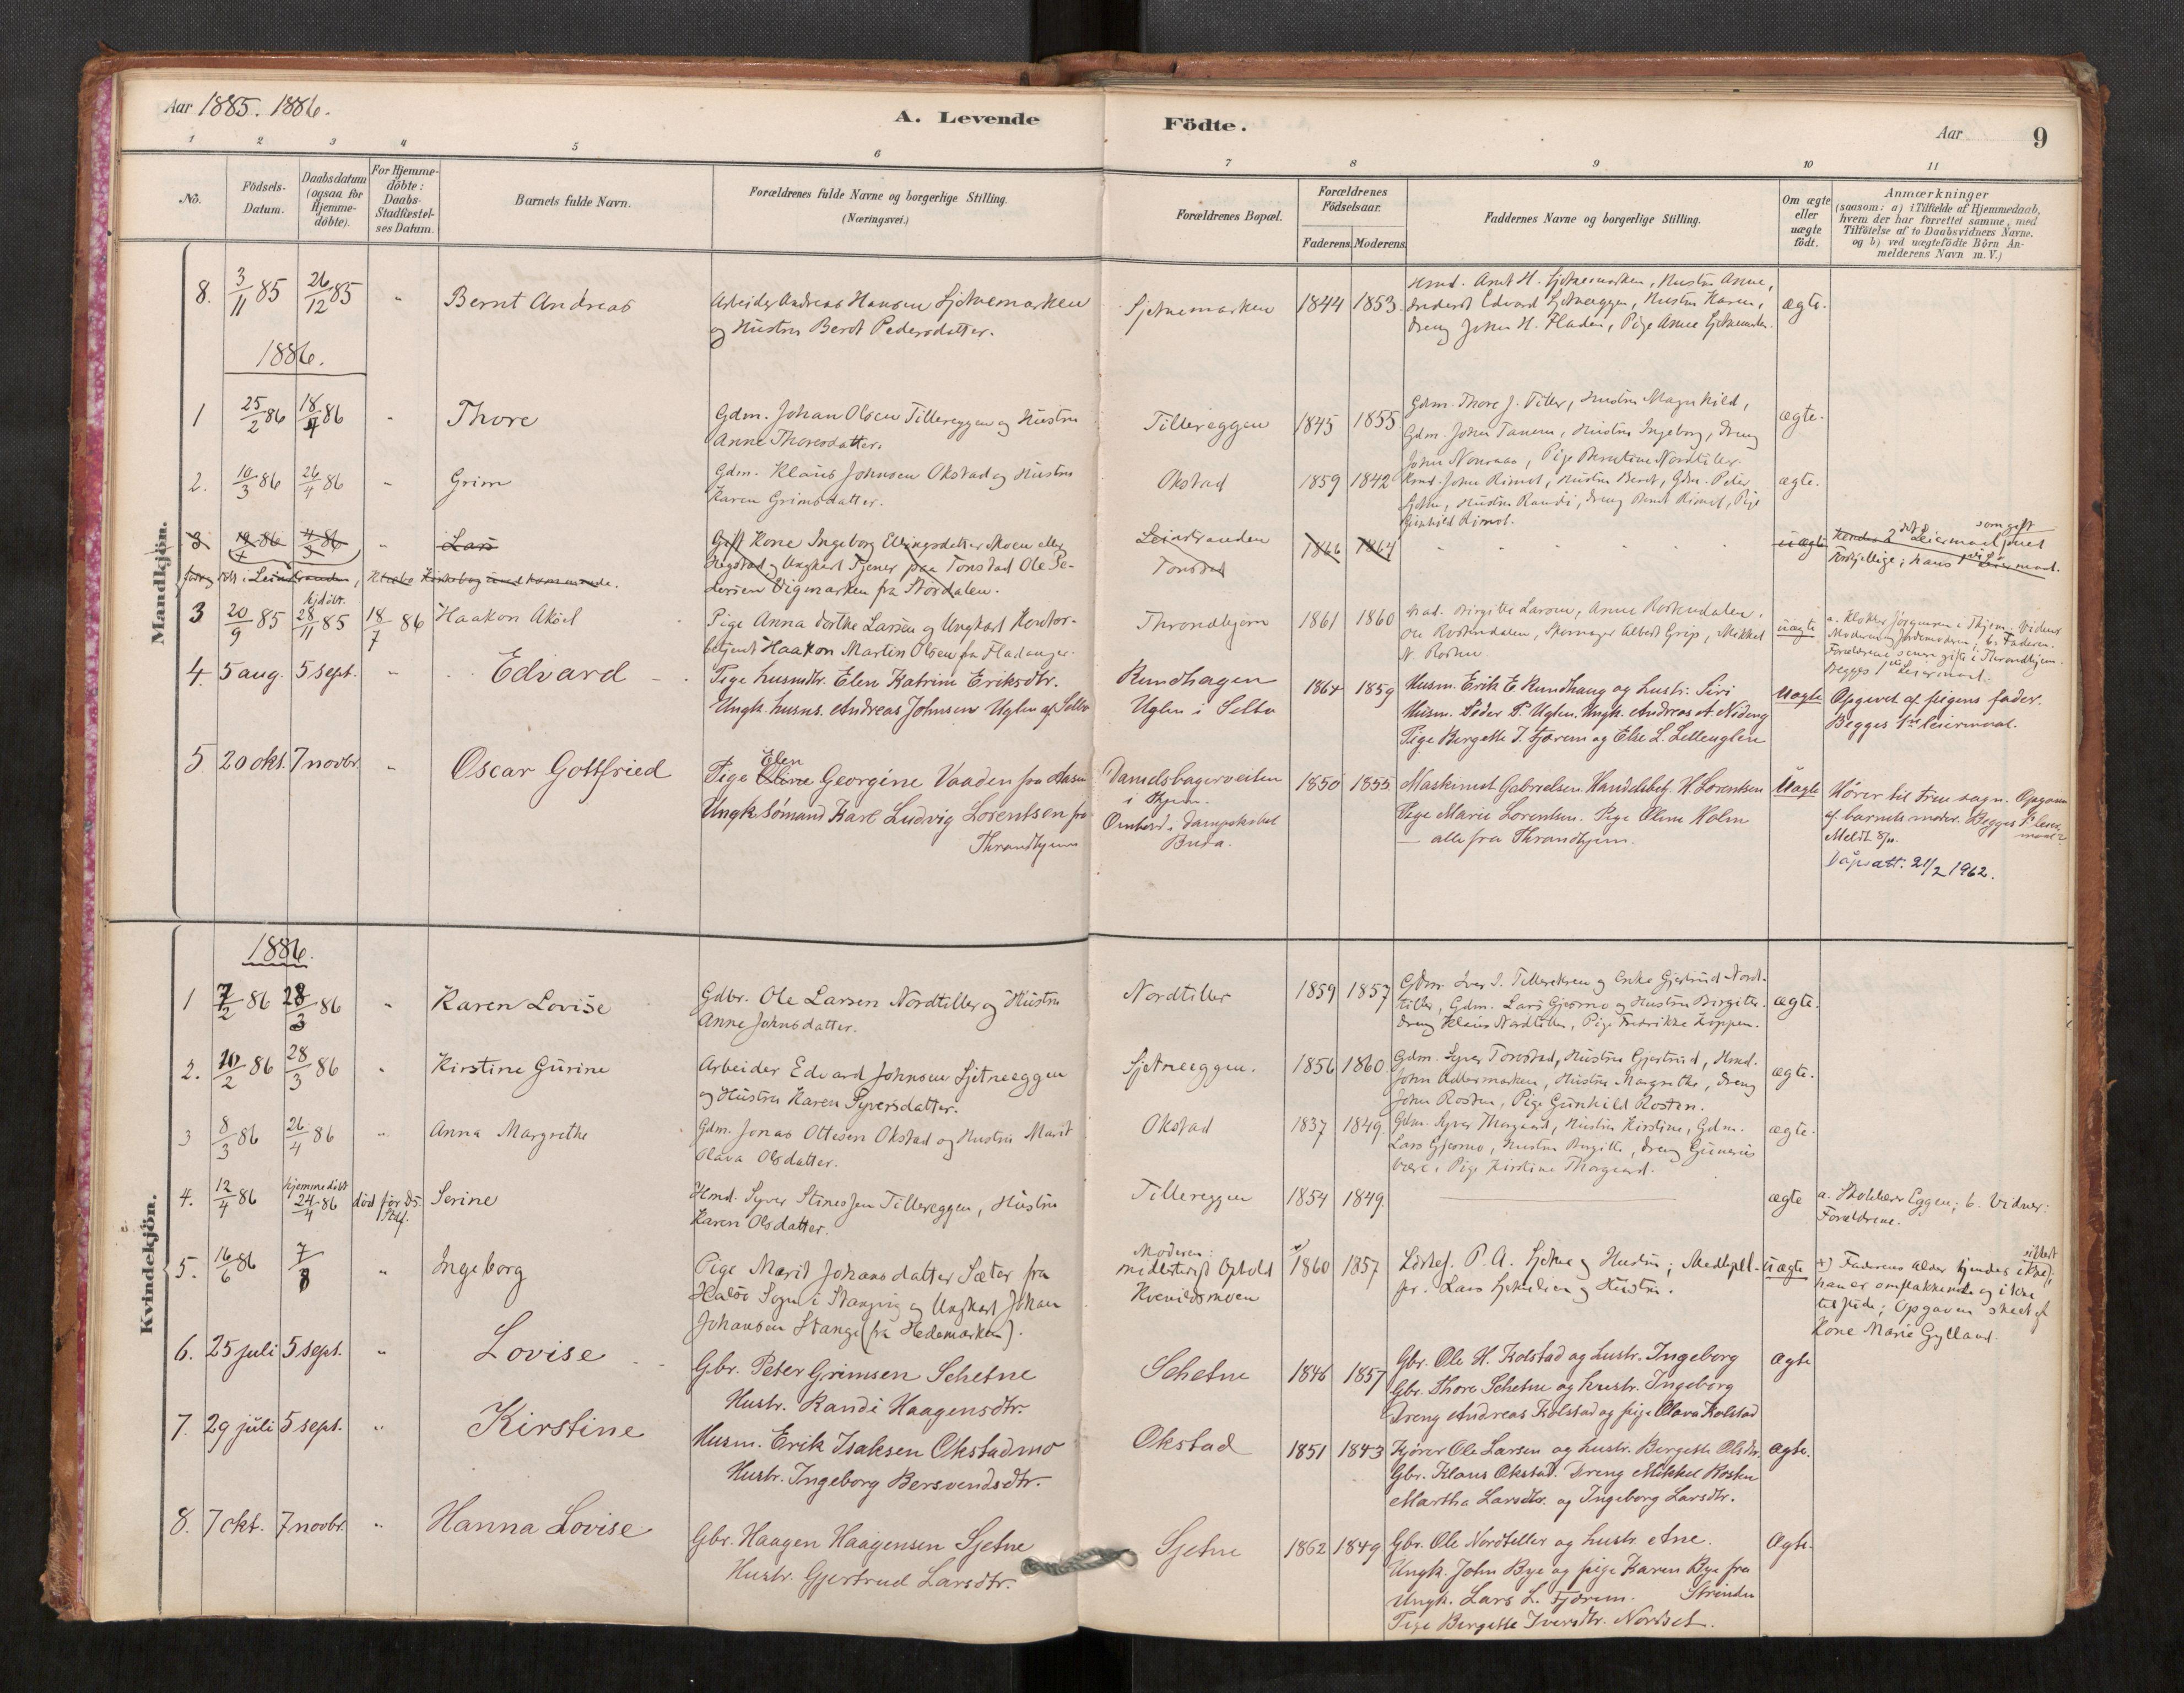 SAT, Klæbu sokneprestkontor, Parish register (official) no. 1, 1880-1900, p. 9